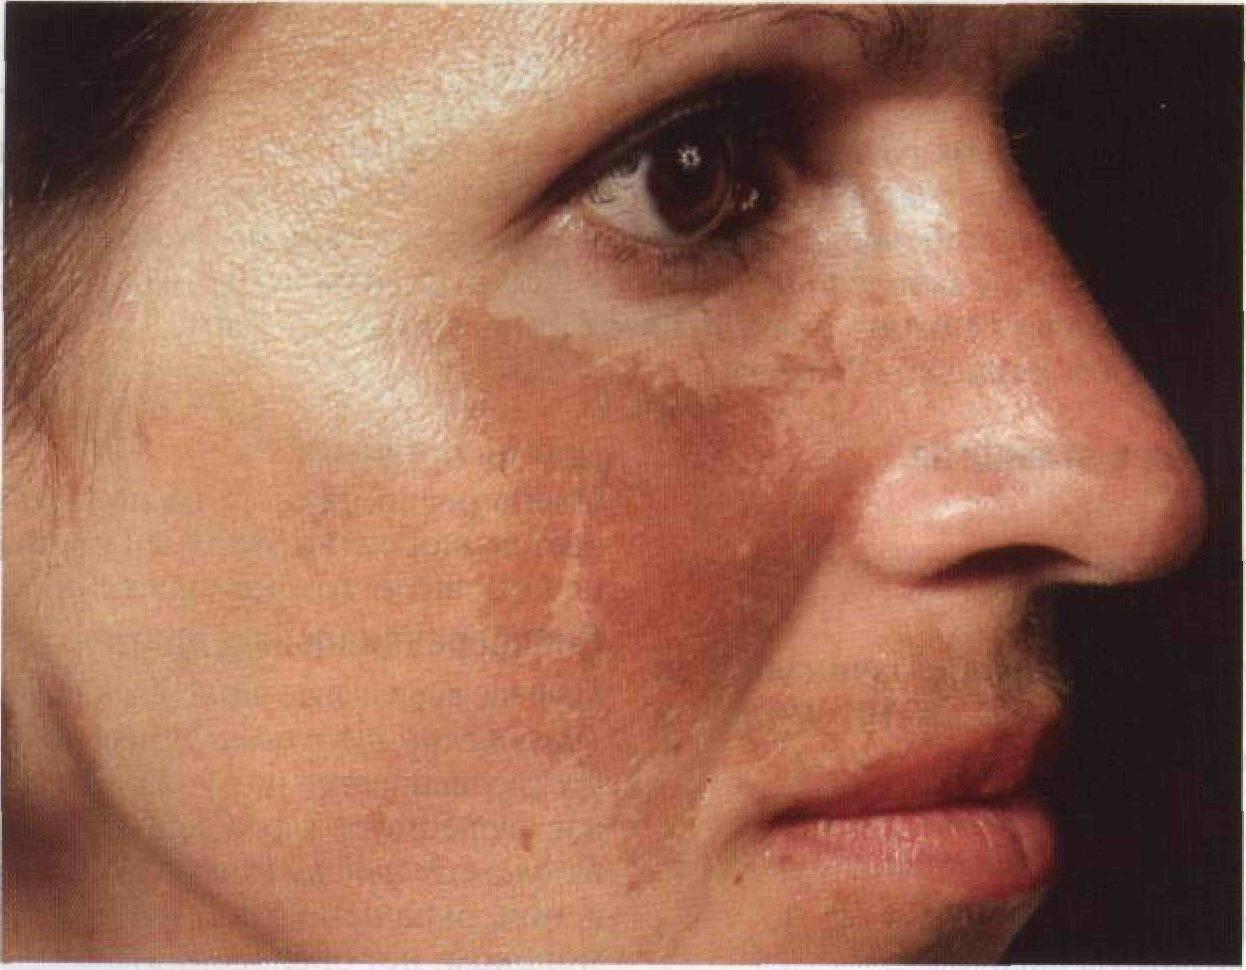 Кожные покровы при циррозе печени: внешние признаки заболевания на коже